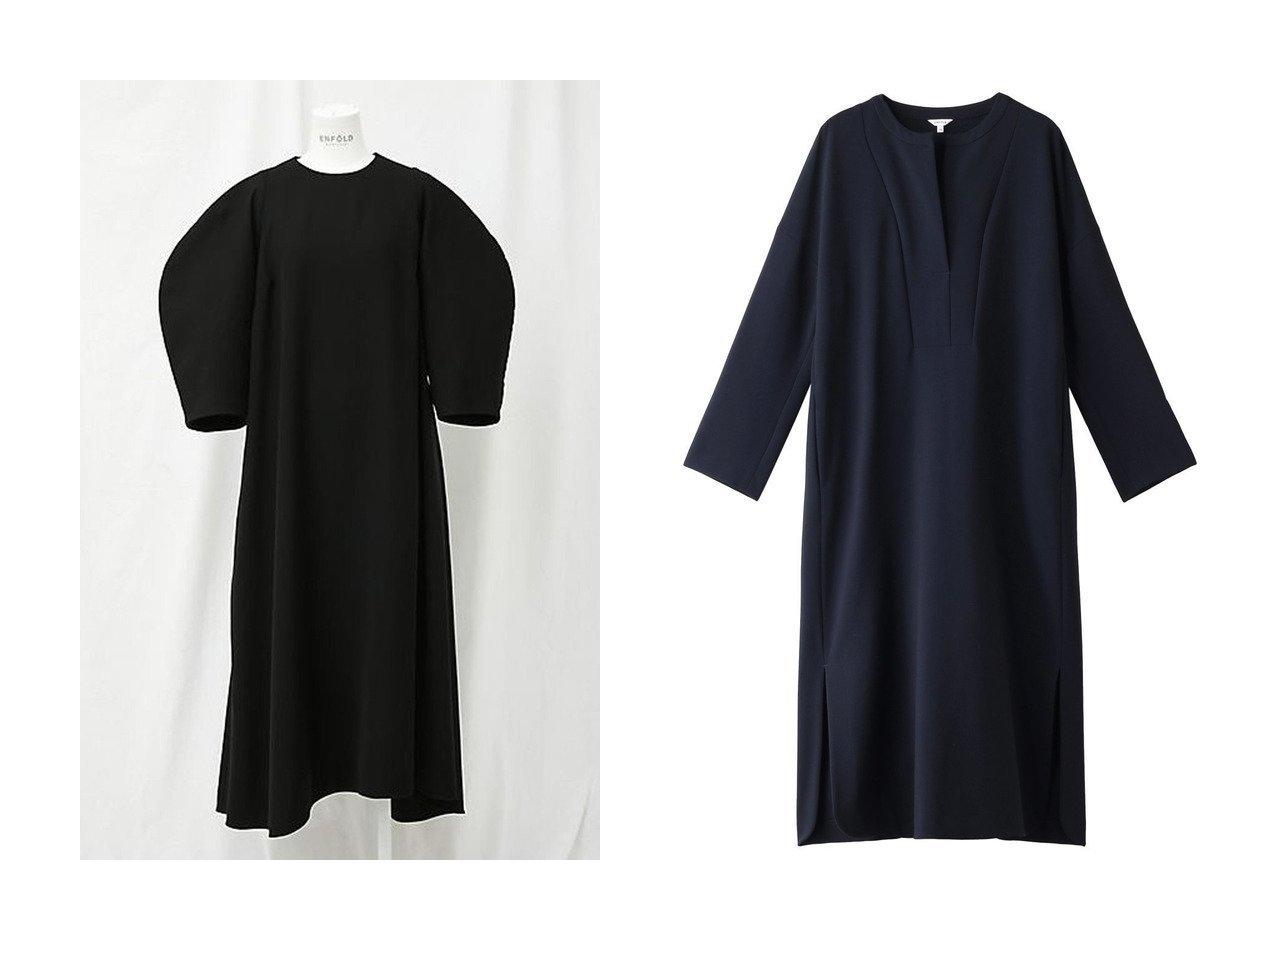 【ENFOLD/エンフォルド】のダブルクロス BOX ドレス&PEツイル アシンメトリーフレア ドレス・ワンピース ワンピース・ドレスのおすすめ!人気、トレンド・レディースファッションの通販 おすすめで人気の流行・トレンド、ファッションの通販商品 メンズファッション・キッズファッション・インテリア・家具・レディースファッション・服の通販 founy(ファニー) https://founy.com/ ファッション Fashion レディースファッション WOMEN ワンピース Dress ドレス Party Dresses イレギュラー ツイル ドレス ドレープ パーティ フレア ロング |ID:crp329100000014756